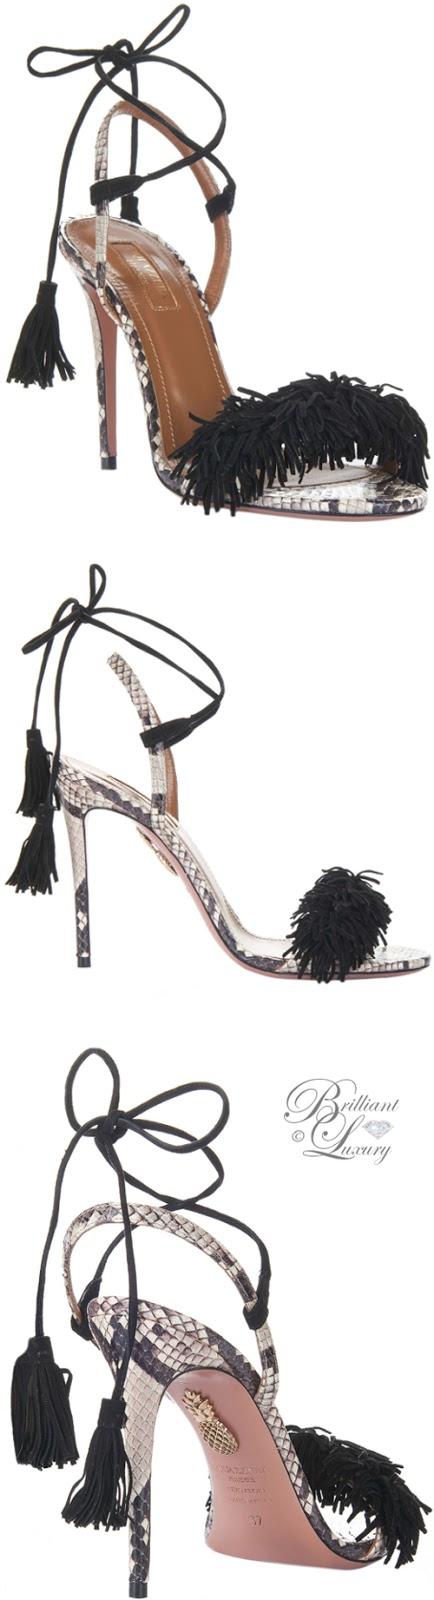 Brilliant Luxury ♦ Aquazzura Wild Thing Sandals